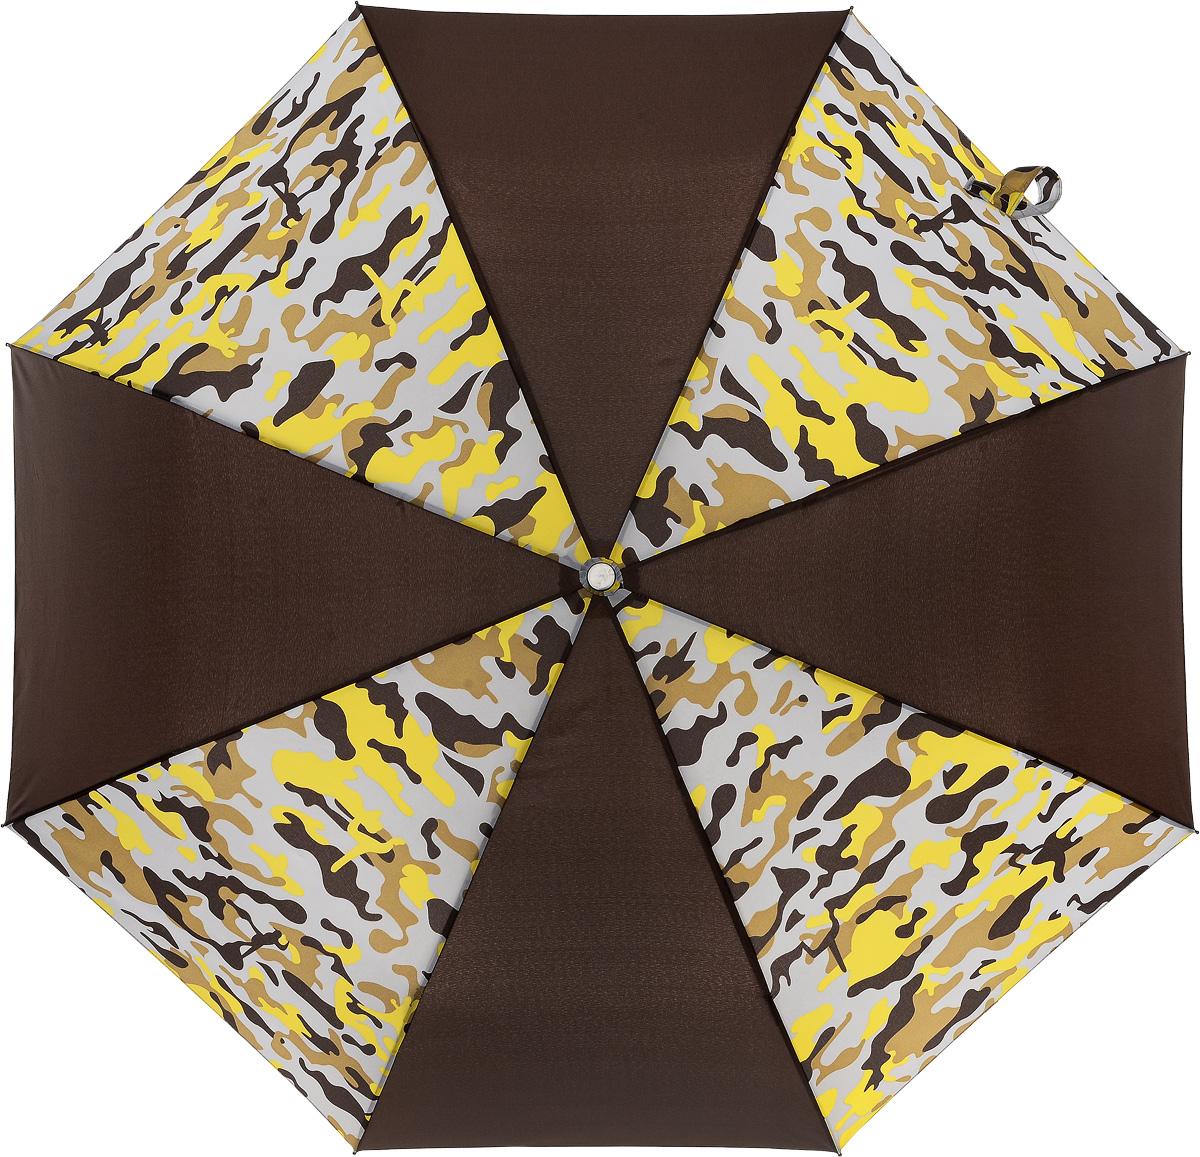 Зонт Эврика Самолет, цвет: коричневый, желтый. 97866Серьги с подвескамиОригинальный зонт - самолет, отличный подарок как человеку, связанному с небом (подарок пилоту, бортпроводнику, стюардессе), так и просто любителям неба и путешествий.Размеры зонта в раскрытом виде: 100х60 см.Размеры упаковки: 30х6х6 смУпаковка: красочный картон.